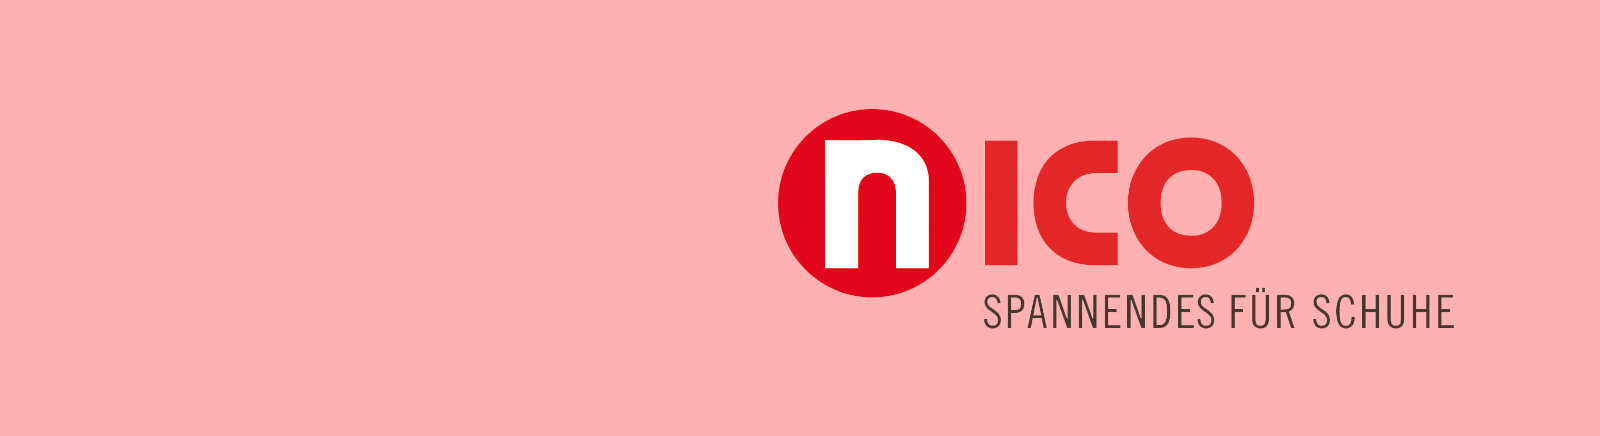 Nico Pflegemittel und Zubehör online entdecken im Juppen Shop